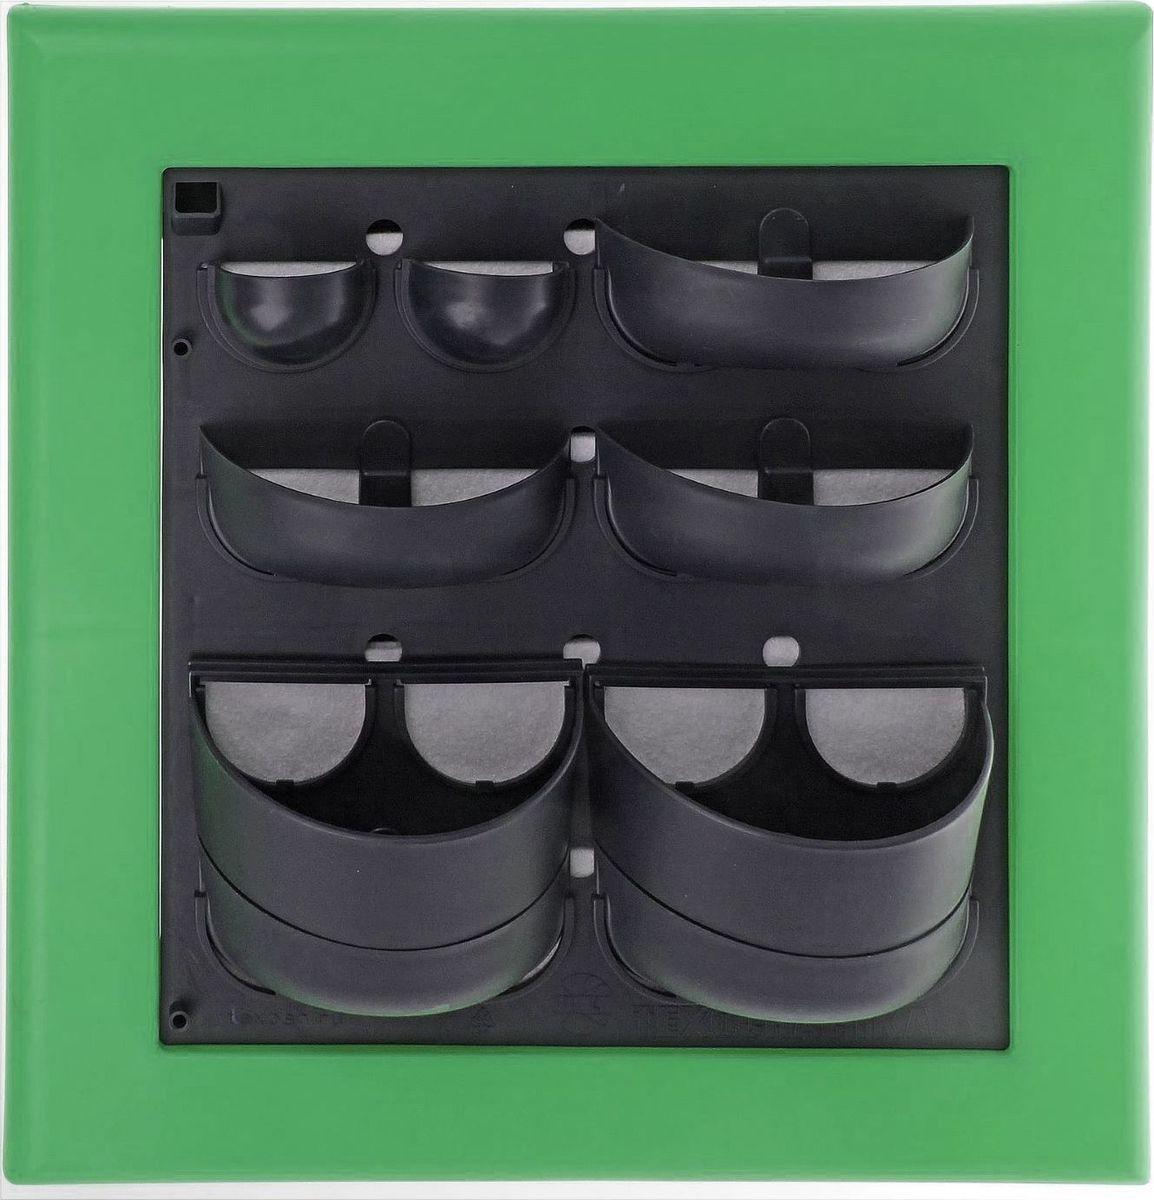 Кашпо Техоснастка Фитокартина, настенное, цвет: зеленый, 59 х 58 х 13 см1363215Любой, даже самый современный и продуманный интерьер не будет выглядеть завершённым без растений. Они не только очищают воздух и насыщают кислородом, но и заметно украшают окружающее пространство. Такому полезному &laquo члену семьи&raquoпросто необходим красивый и функциональный &laquo дом&raquo . Наше предложение &mdashфитокартина! Благодаря съёмным блокам-кашпо вы сможете создать любую композицию на свой вкус. Как собирать? Распакуйте фитопанель, подготовьте необходимое количество растений.Возьмите маленький горшок и разместите в нем водопроводящий картридж (входит в комплект).Разместите подходящее по размеру растение в горшке.Поместите картридж с растением между передней частью панели и капиллярным матом.Закрепите горшок с растением на фитомодуле.Вставив в каждую выемку картридж, закрепите на фитомодуле нижнюю часть большого горшка.Затем так же закрепите верхнюю часть большого горшка строго над нижней.Посадите в большой горшок выбранное растение. Ваша фитокартина готова!Фотоинструкция.Рекомендации по поливу Вставьте в левый нижний угол водоотводящую трубку. Медленно заливайте воду в панно через поливочное отверстие. Как только она покажется в трубке, прекратите полив. Опустив трубку вниз, можно слить ненужную жидкость обратно в лейку. Уберите трубку до следующего орошения. Режим полива зависит от температуры и влажности в помещении, состава грунта, интенсивности освещения, возраста и типа растения и многих других факторов. Частота может варьироваться от 2 до 4 недель. Чтобы растение легко прижилось в новом горшке, рекомендуем первые 3?4 недели производить полив не через трубку, а напрямую в грунт, используя лейку с узким носиком. Создавать красоту просто! Наполните свой дом прекрасными цветами, а мы позаботимся о низкой цене и высоком качестве от российского производителя.&nbsp